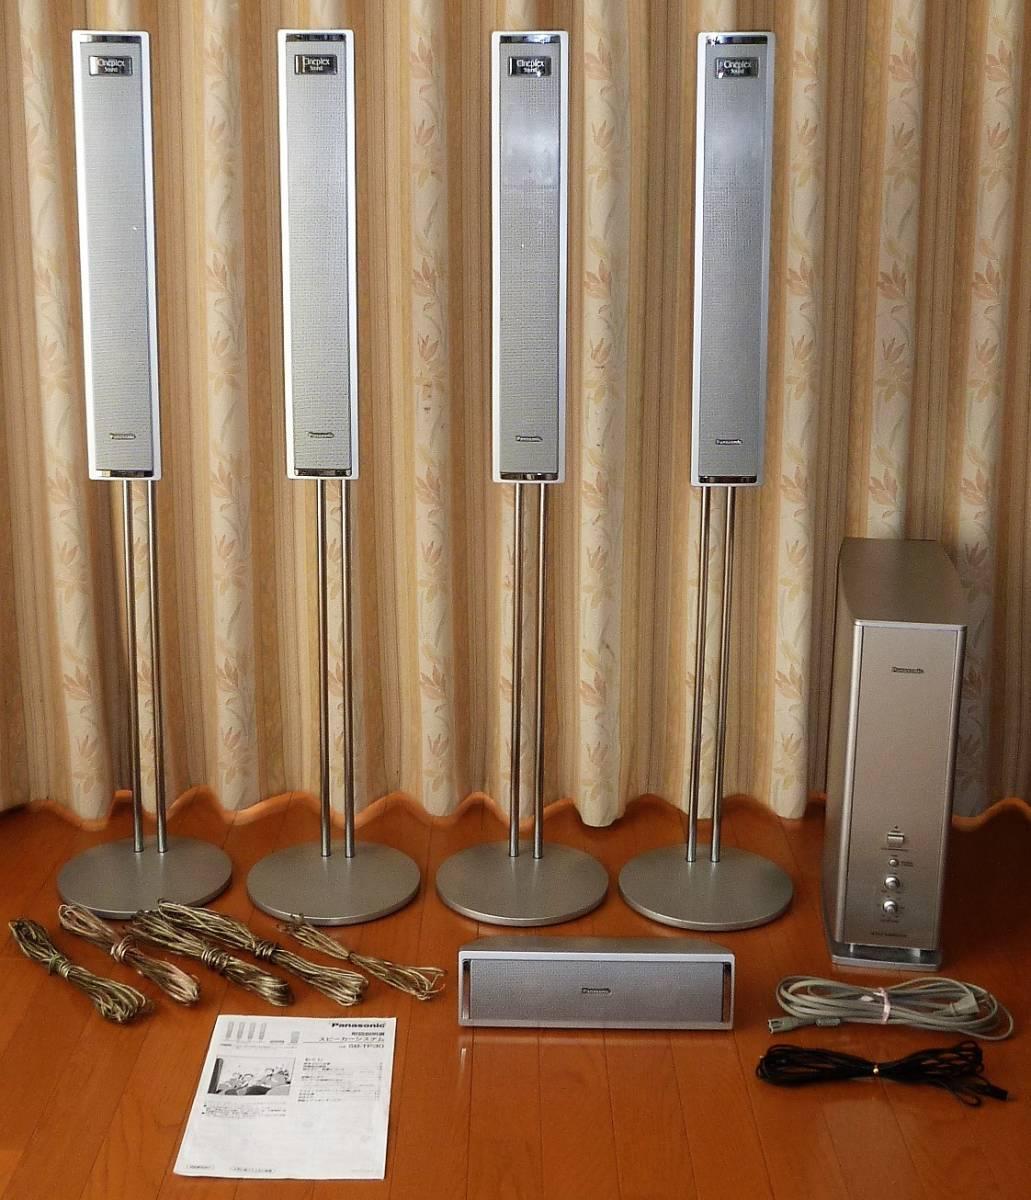 パナソニック ホームシアター6.1chシステム デジタルAVコントロールアンプ SA-XR50+スピーカーシステム SB-TP30 動作確認品_スピーカーシステム SB-TP30 構成